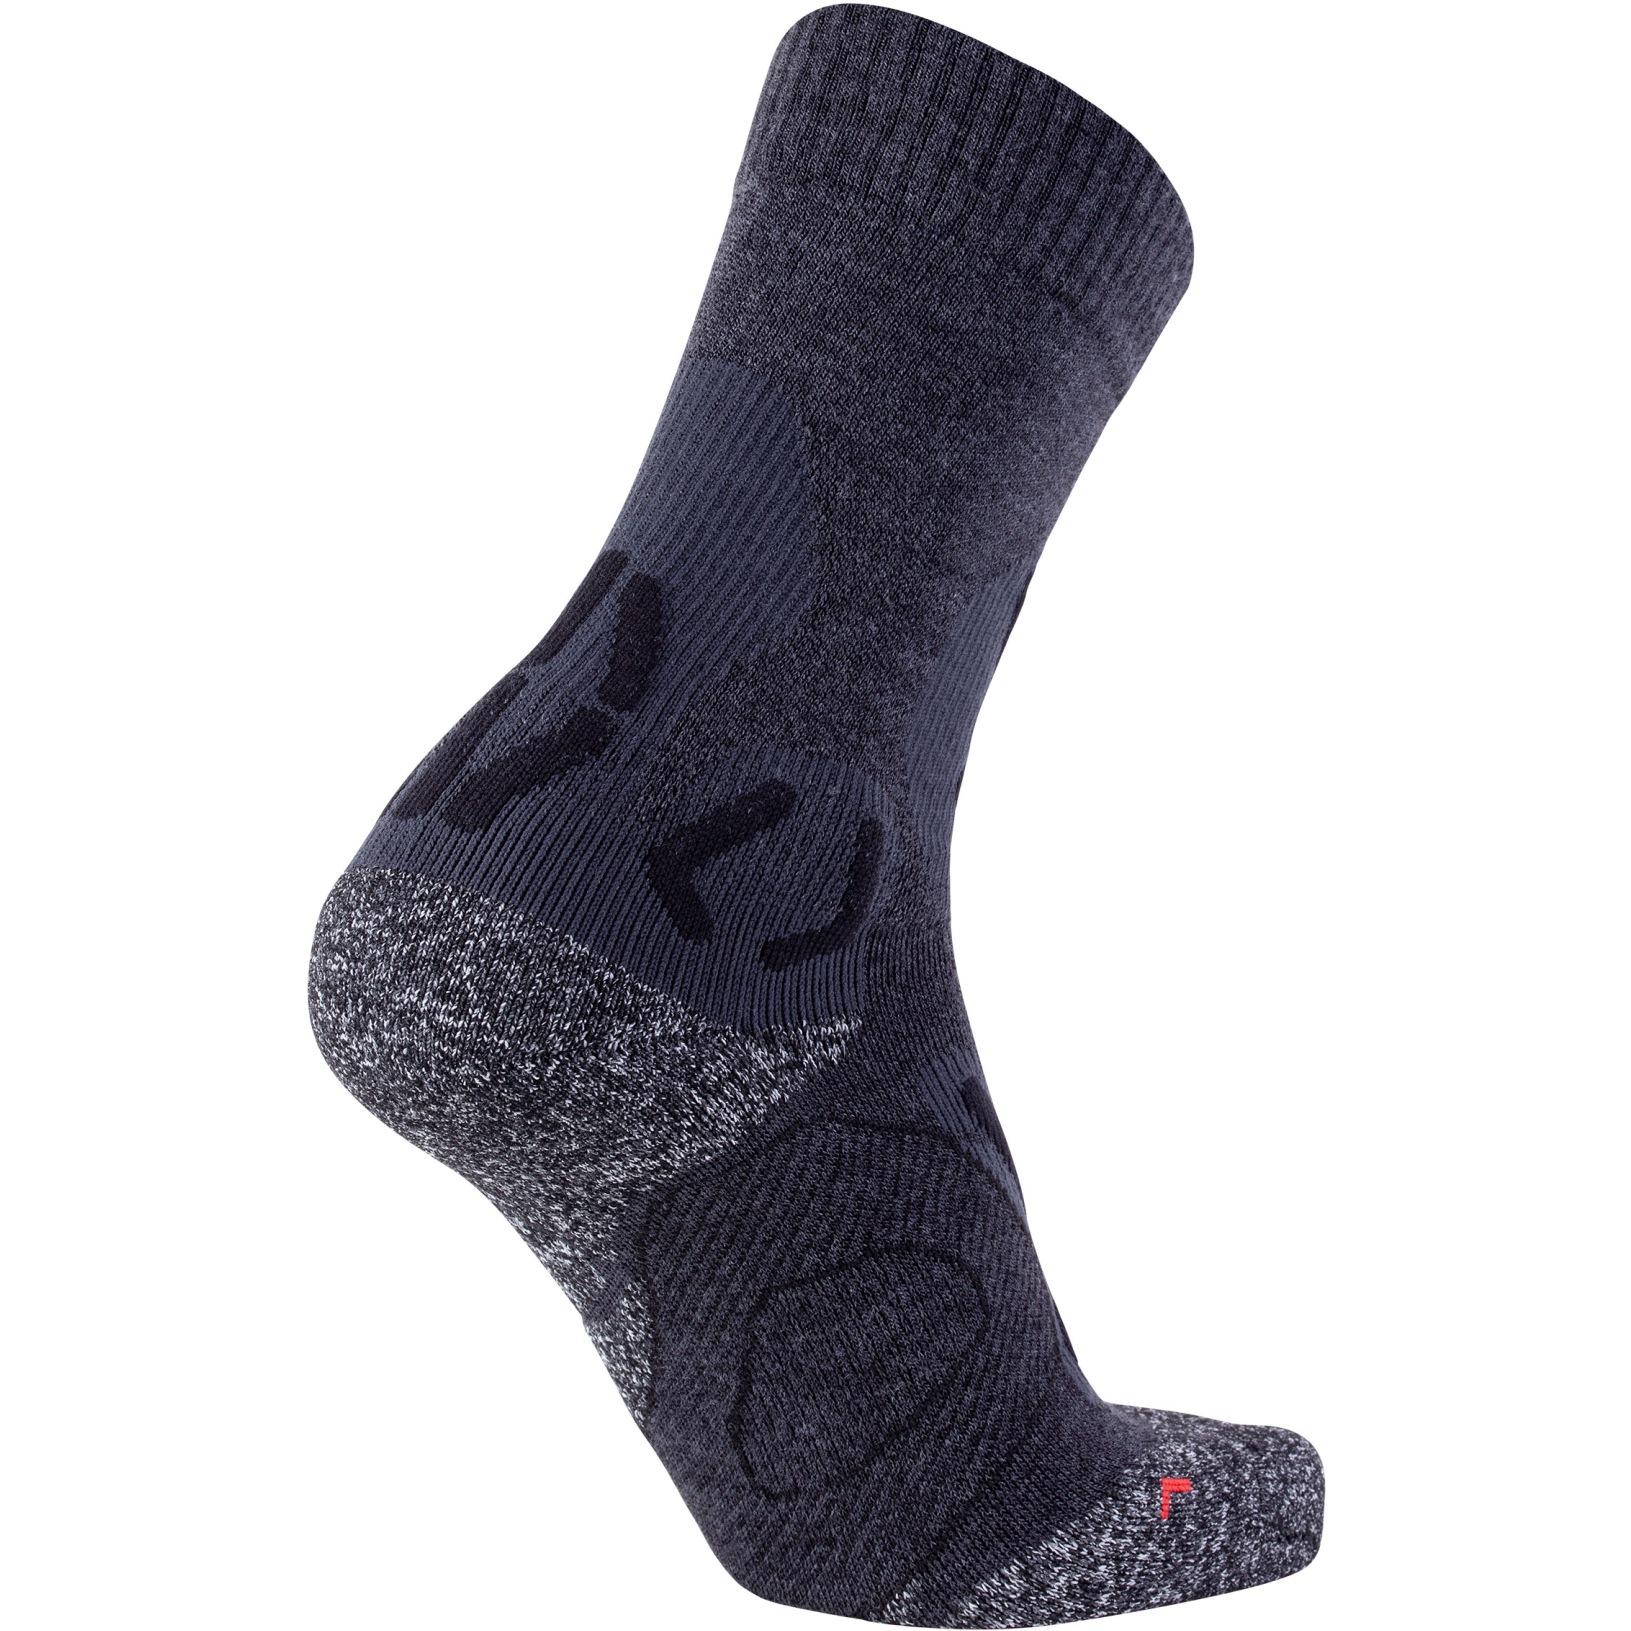 Bild von UYN Nature Merino Trekking Socken - Anthracite/Black